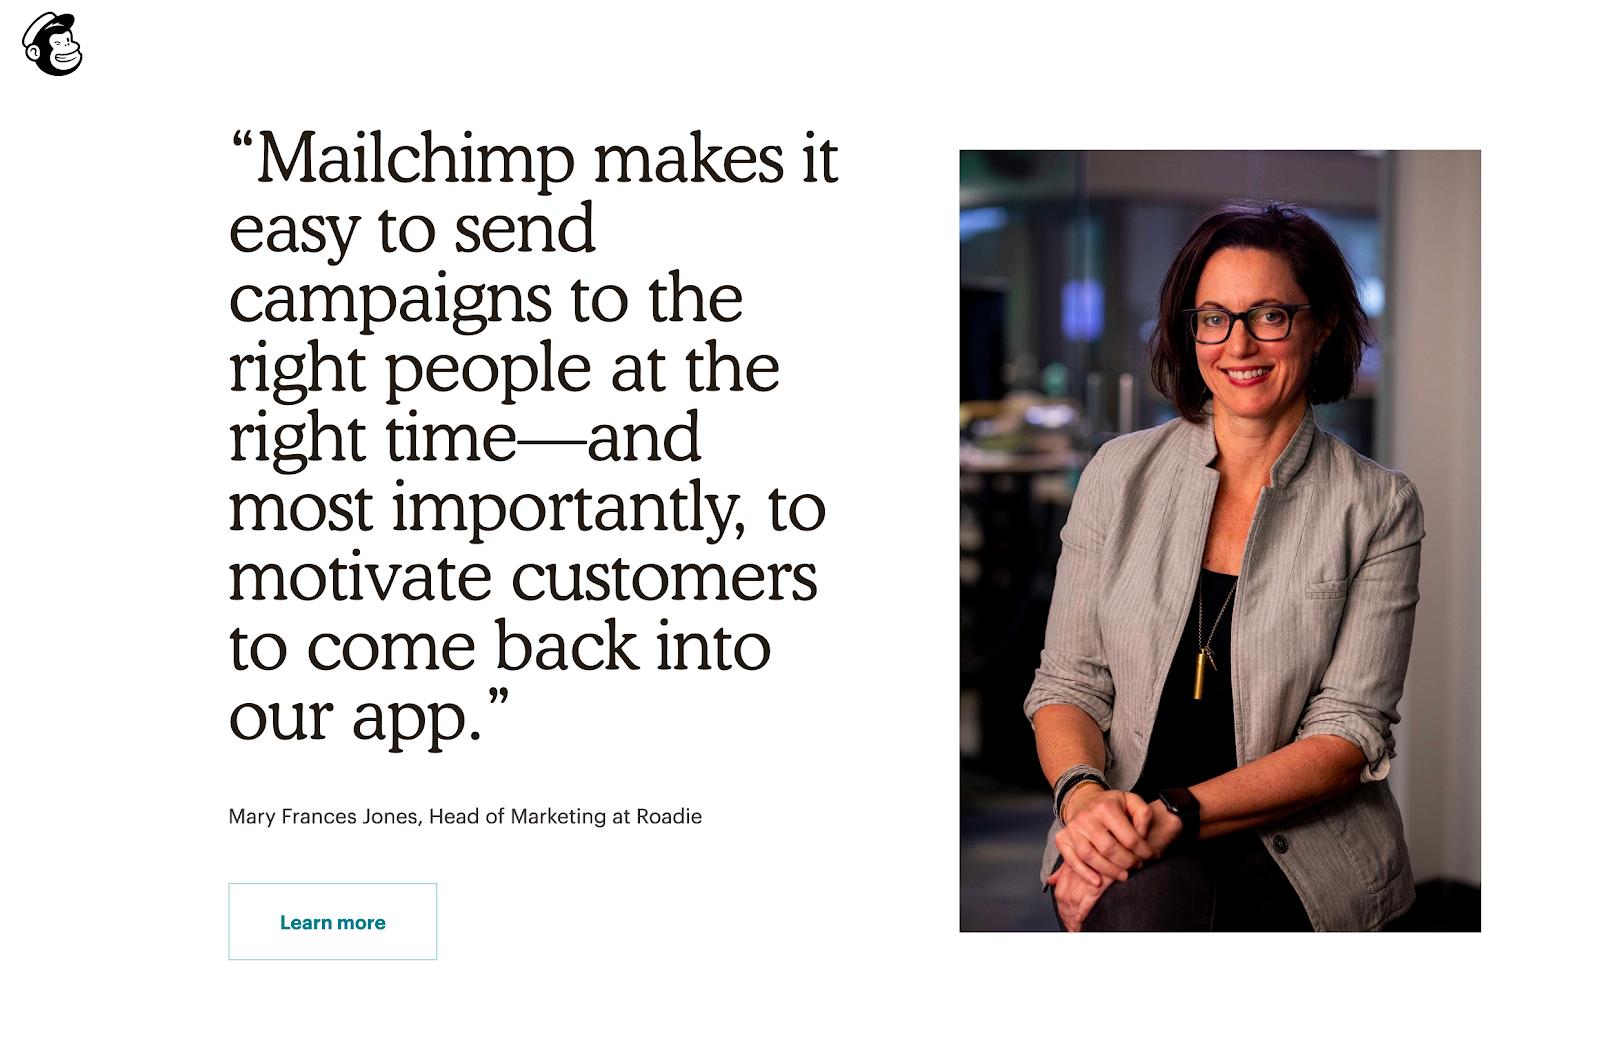 Best Homepages Online - Mailchimp